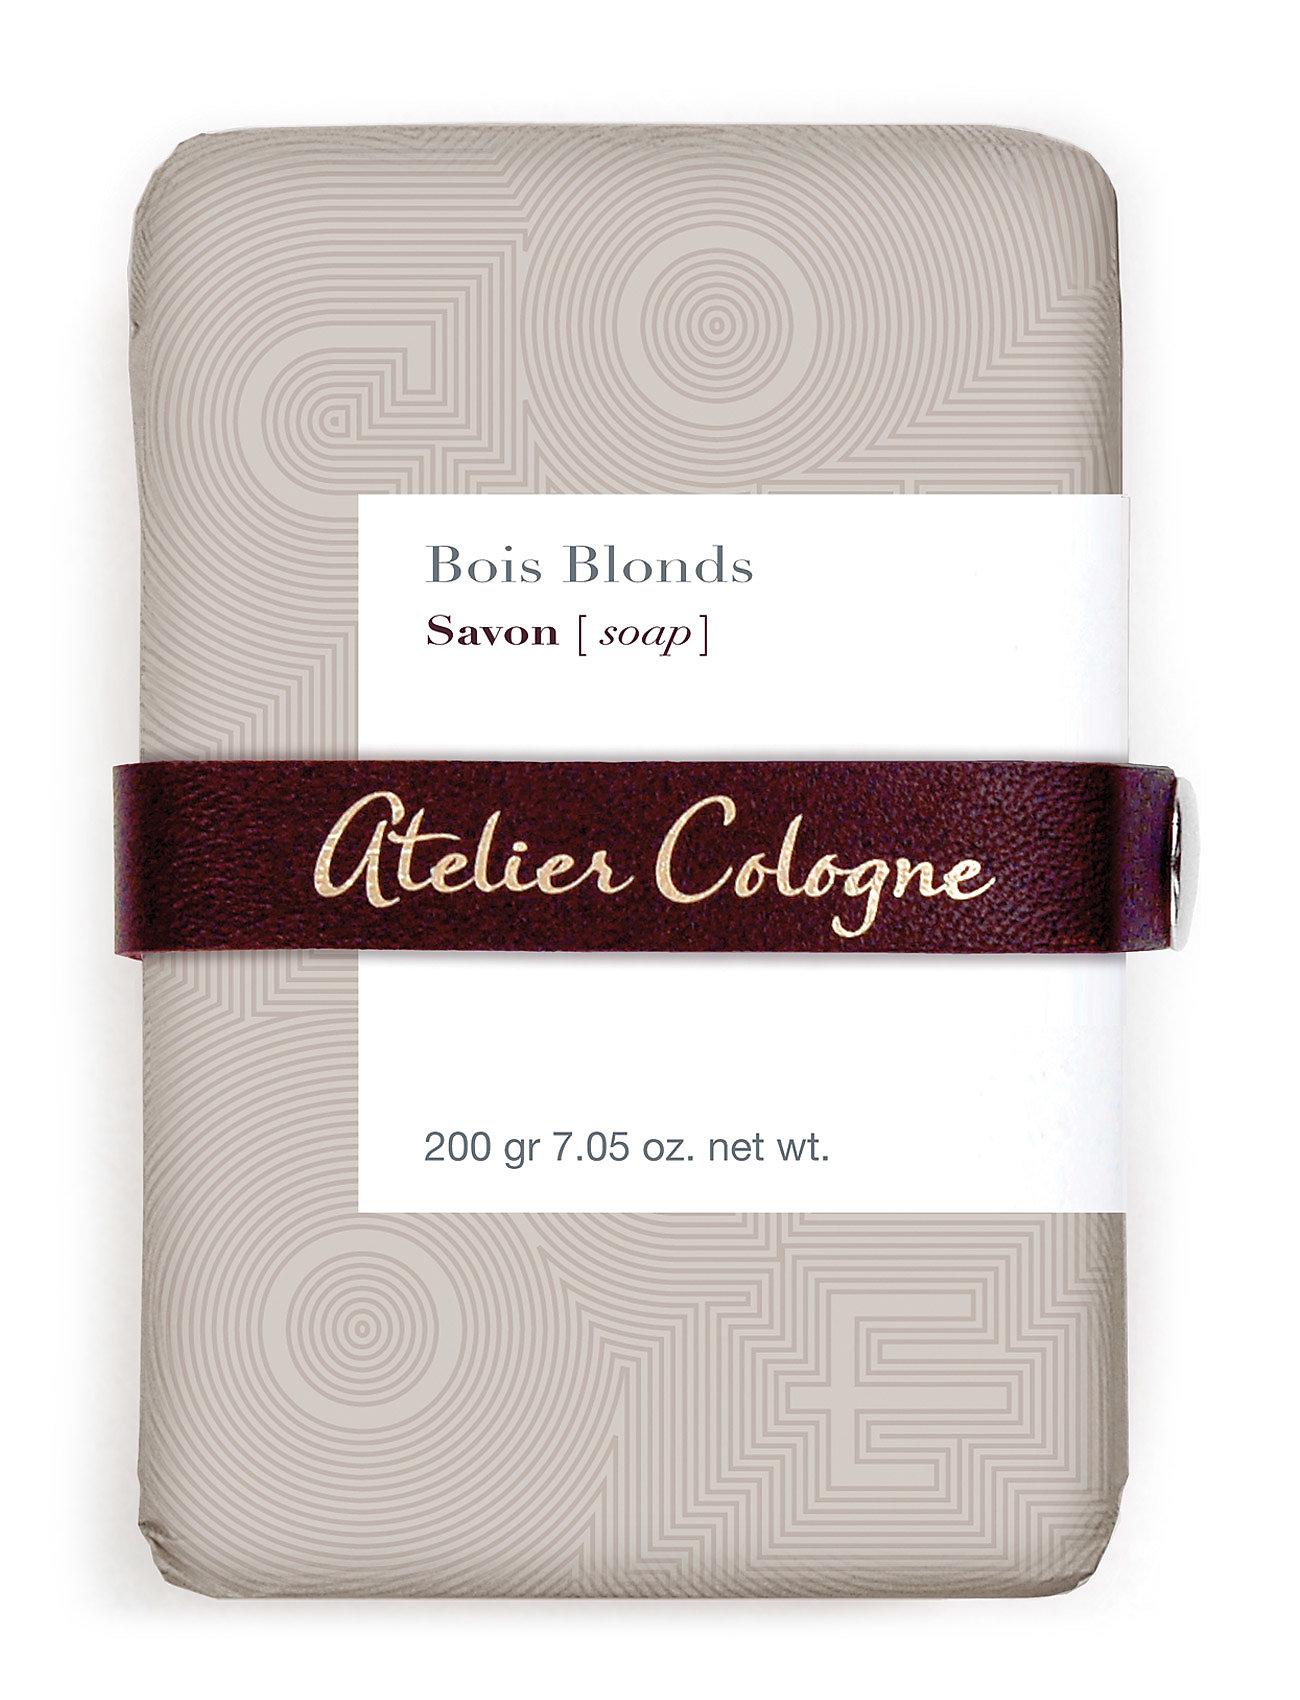 Atelier Cologne BOIS BLONDS SOAP 200 GR Home